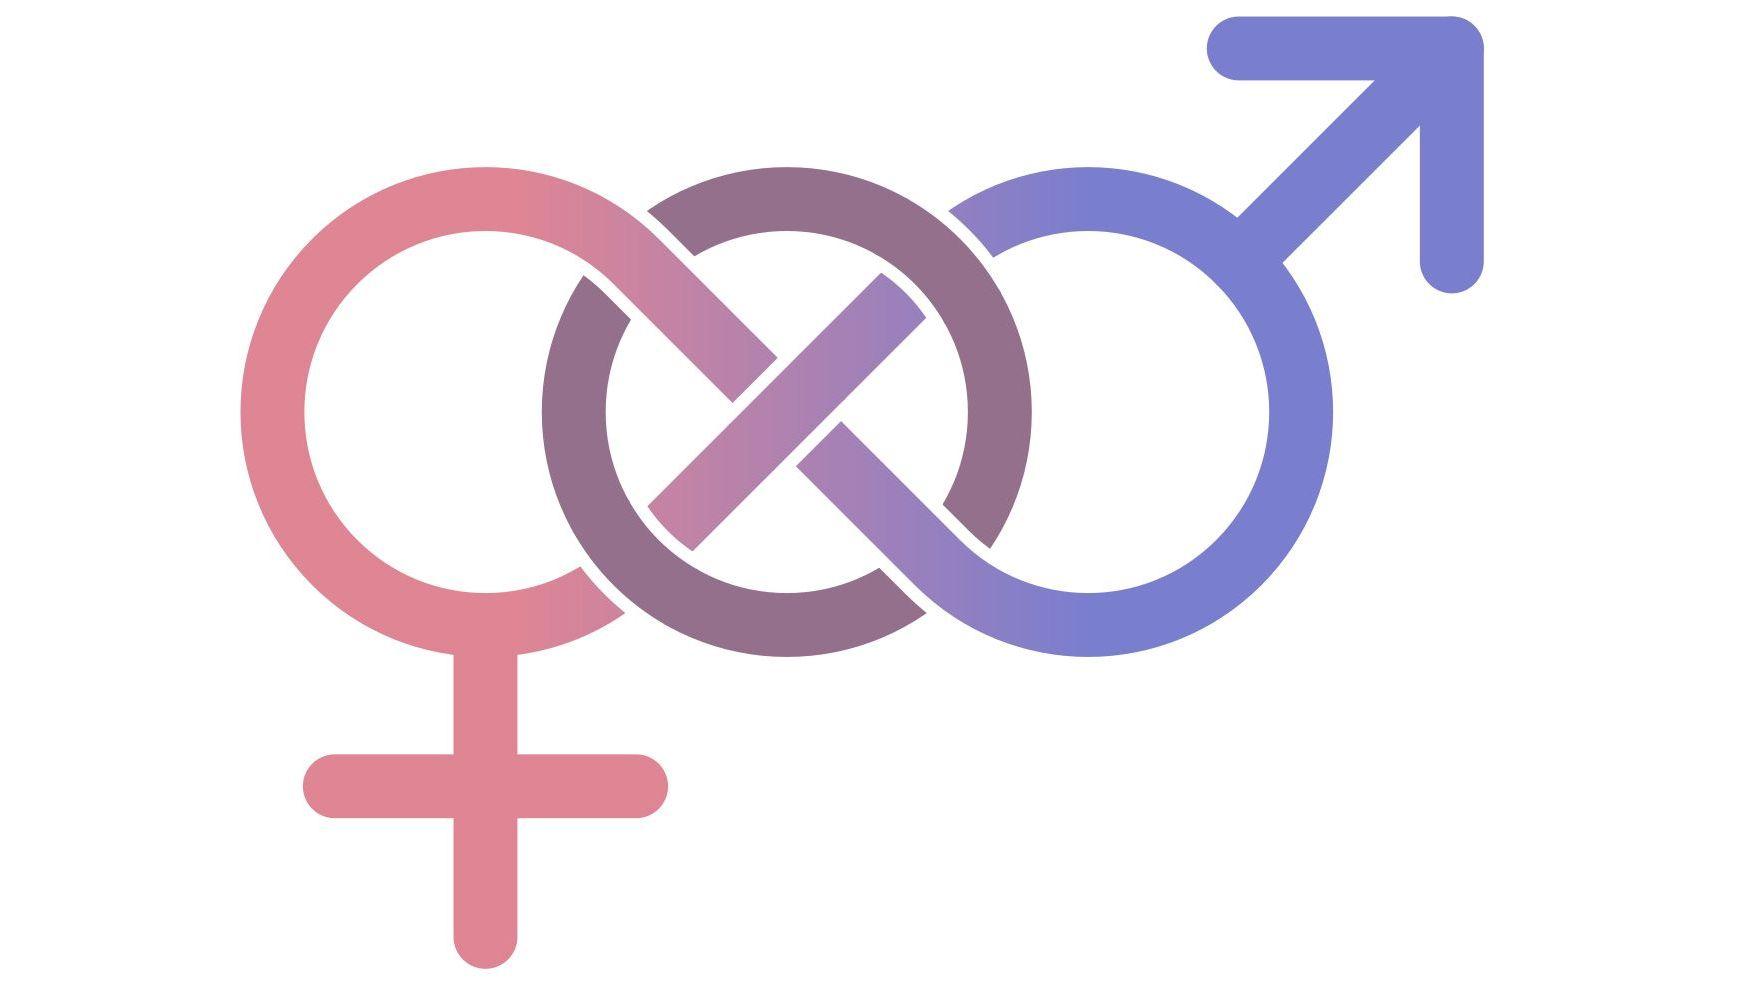 Гендер